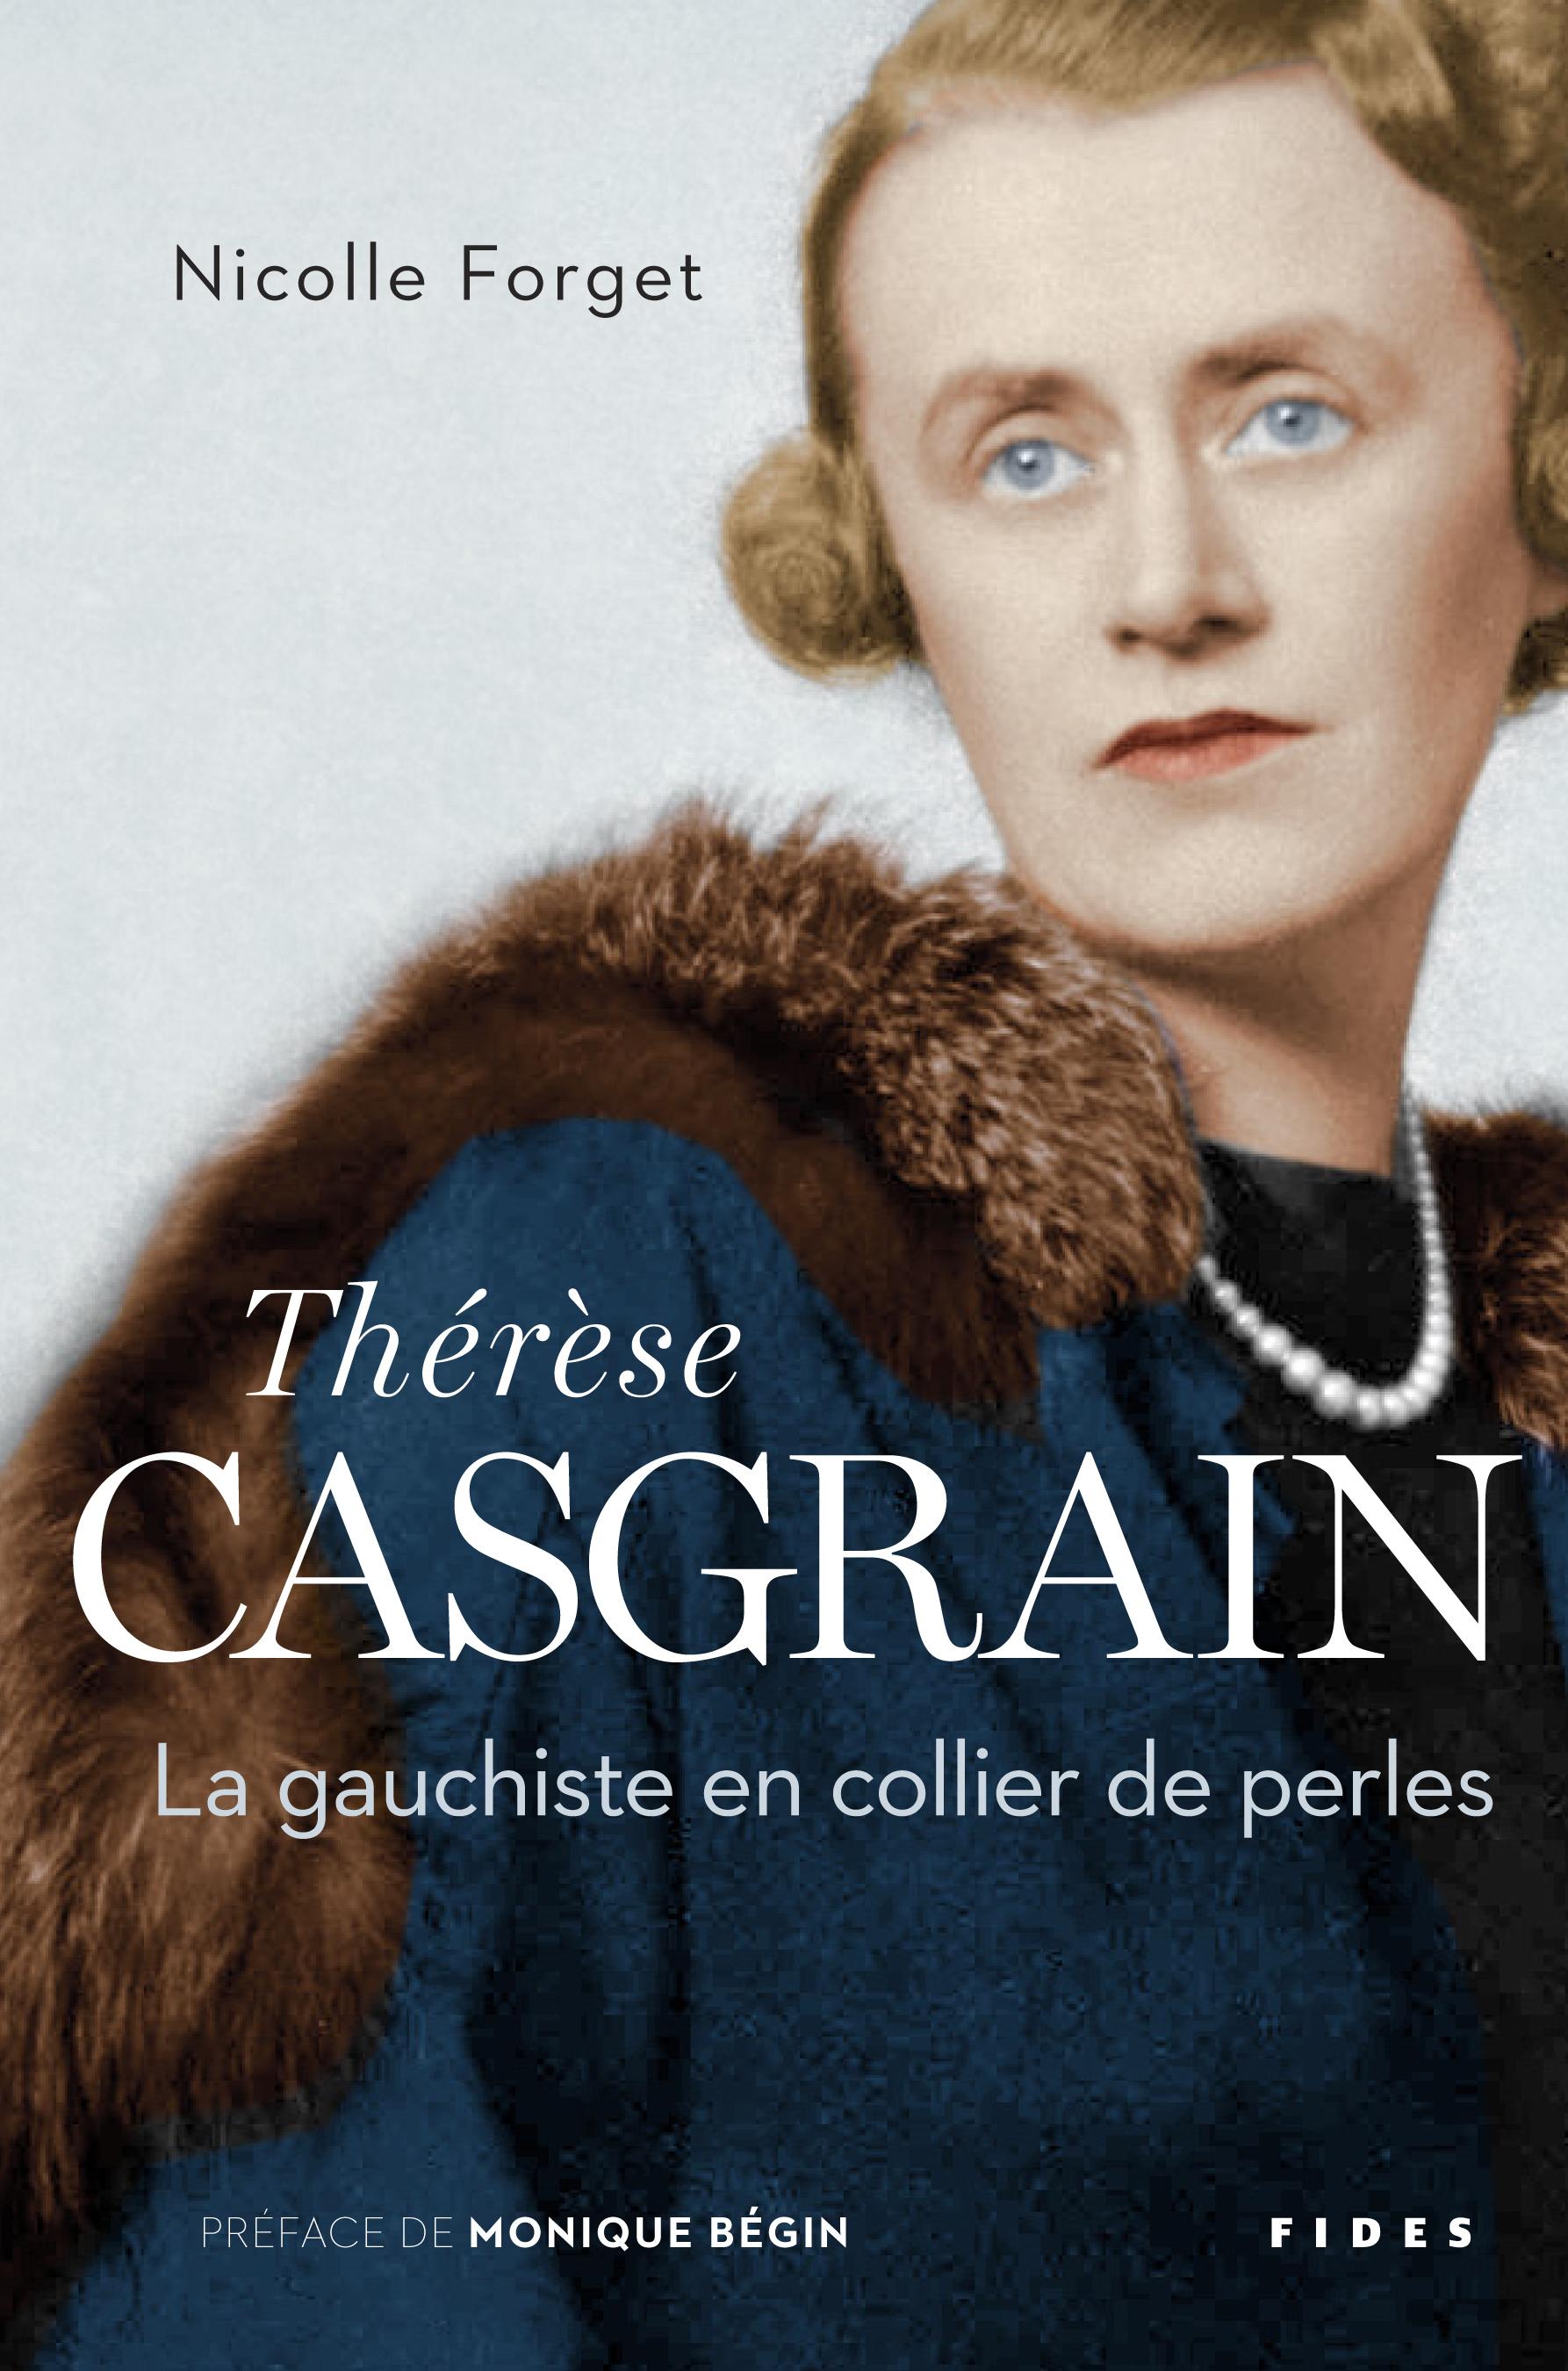 Thérèse Casgrain, La gauchiste en collier de perles